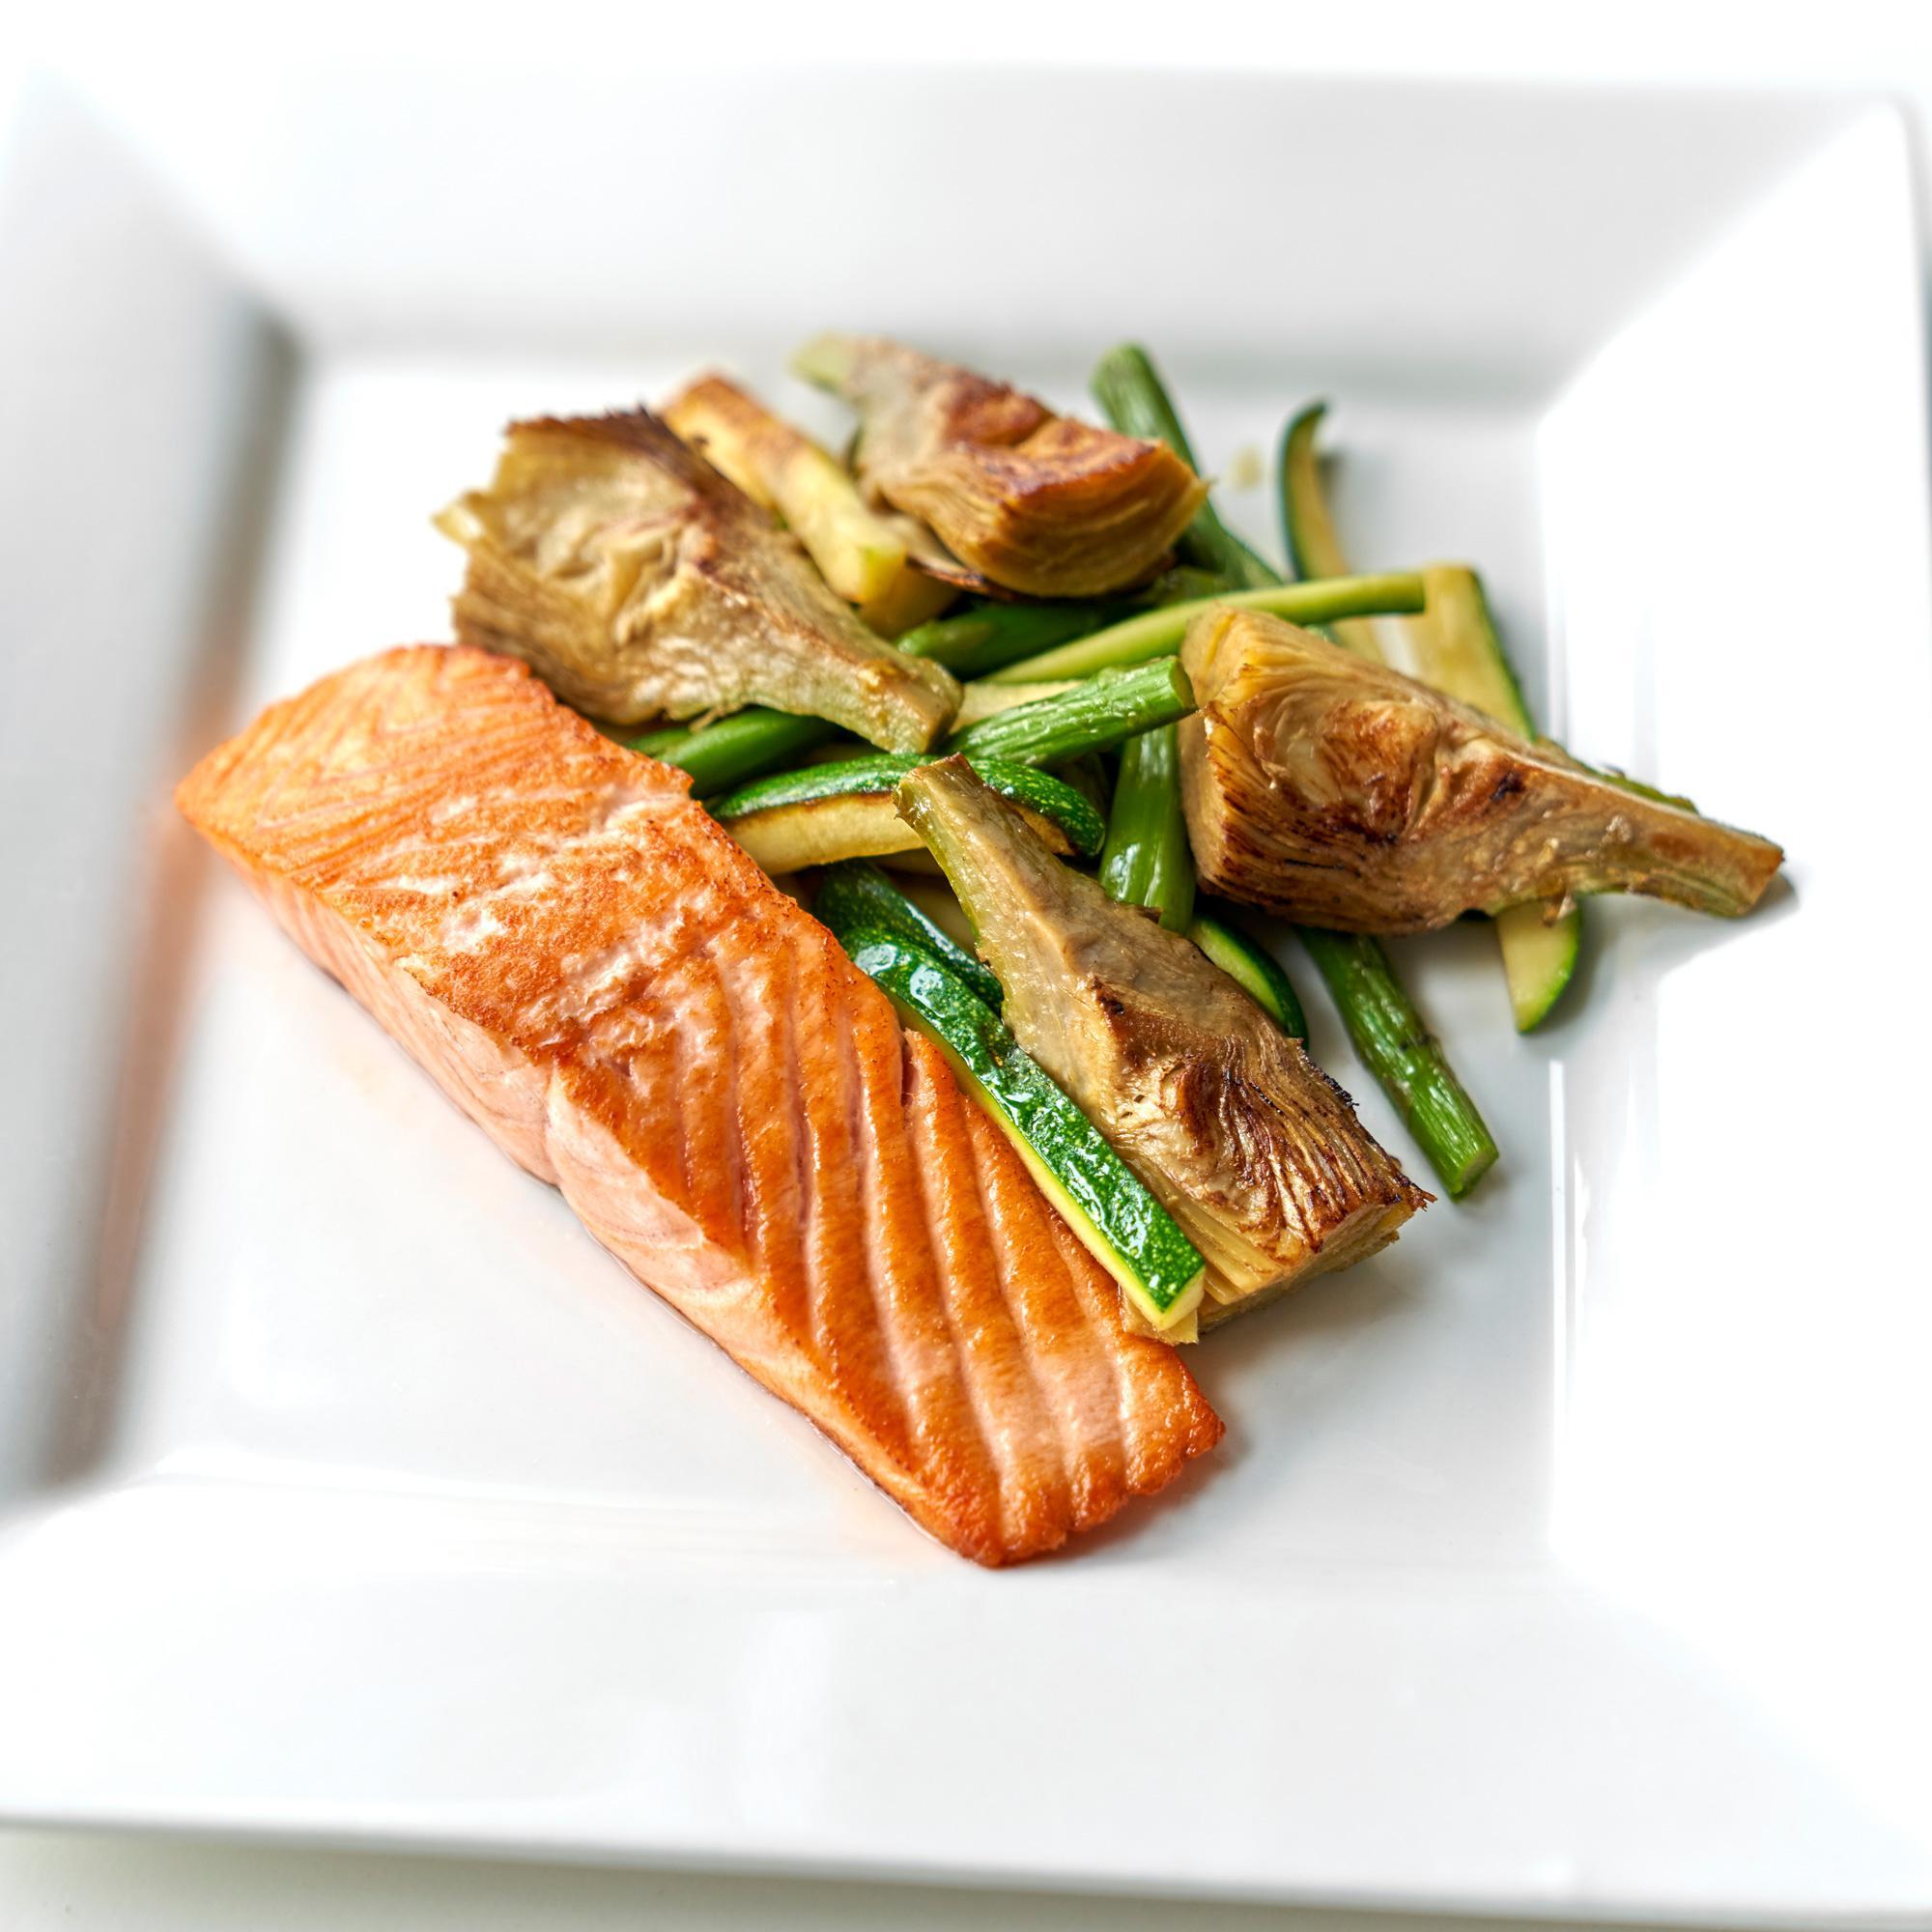 Receta saludable de salmón con alcachofas, judías verdes y calabacín